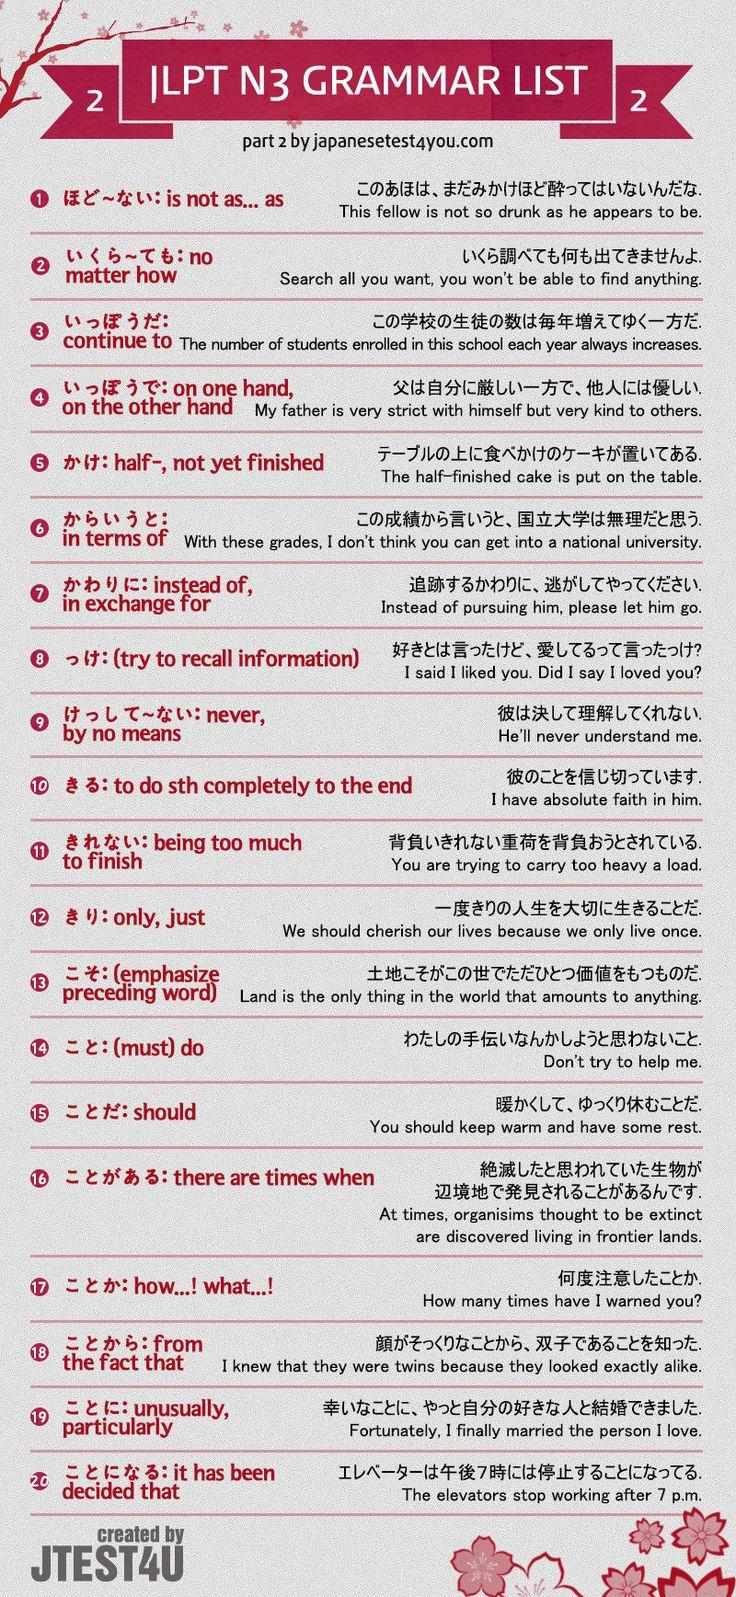 JLPT N3 grammar list part 2. http://japanesetest4you.com/jlpt-n3-grammar-list/